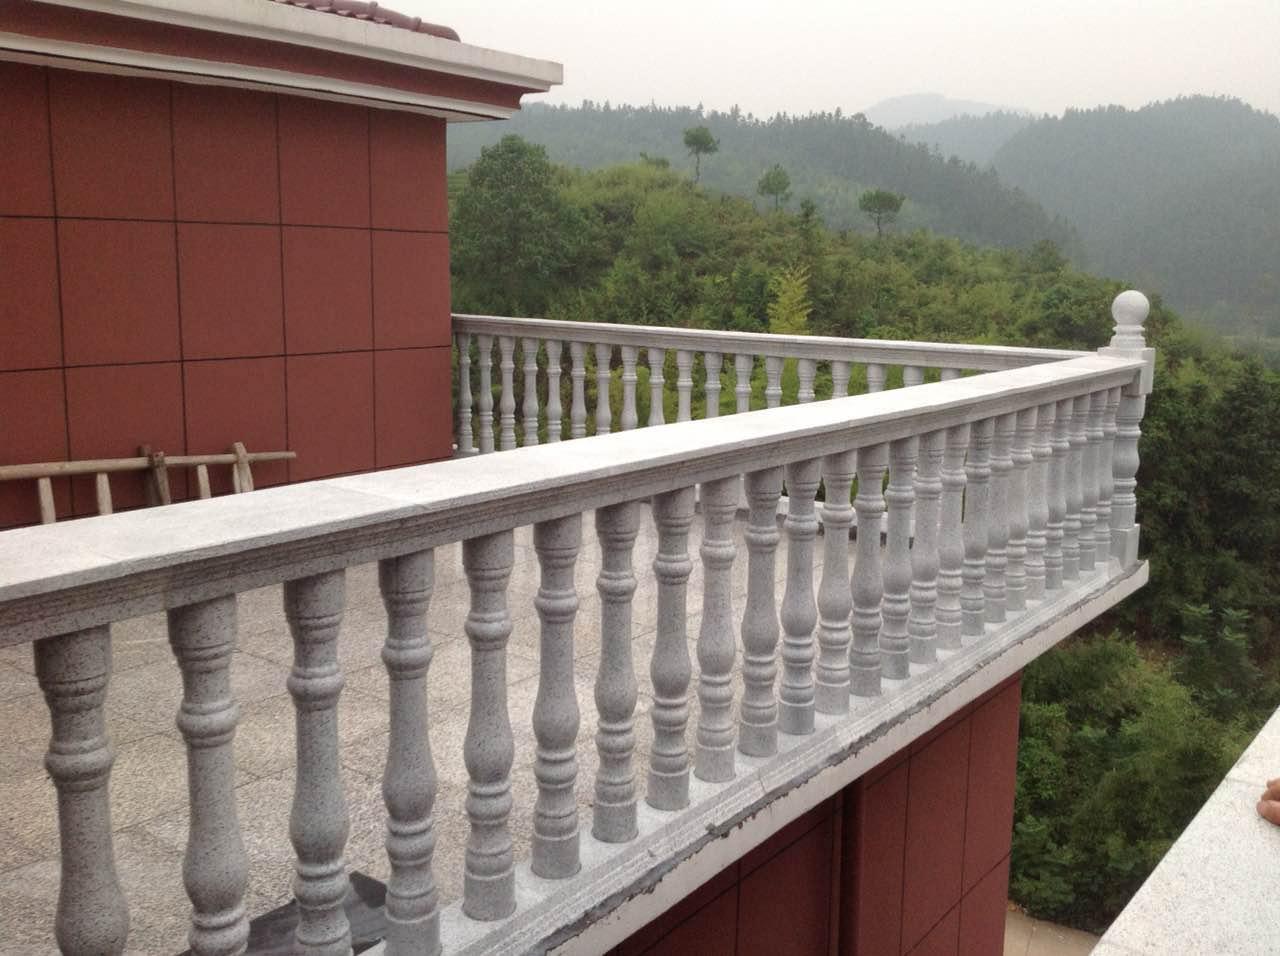 金华EPSGRC线条 窗套线 罗马柱花瓶 栏杆厂家 绿建建材